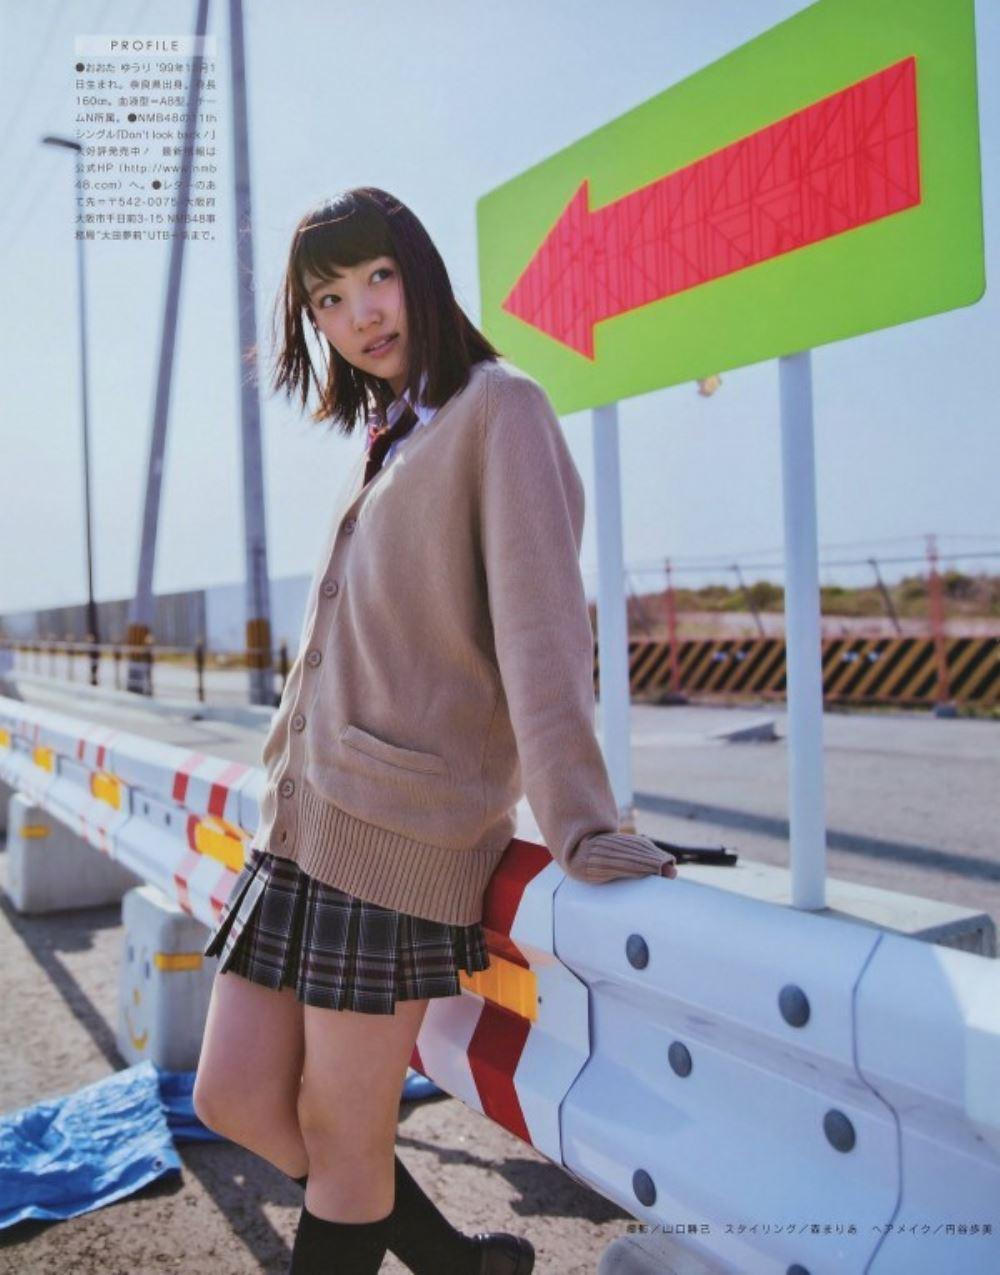 太田夢莉 1万年に1人 可愛い アイドル 水着 画像 19